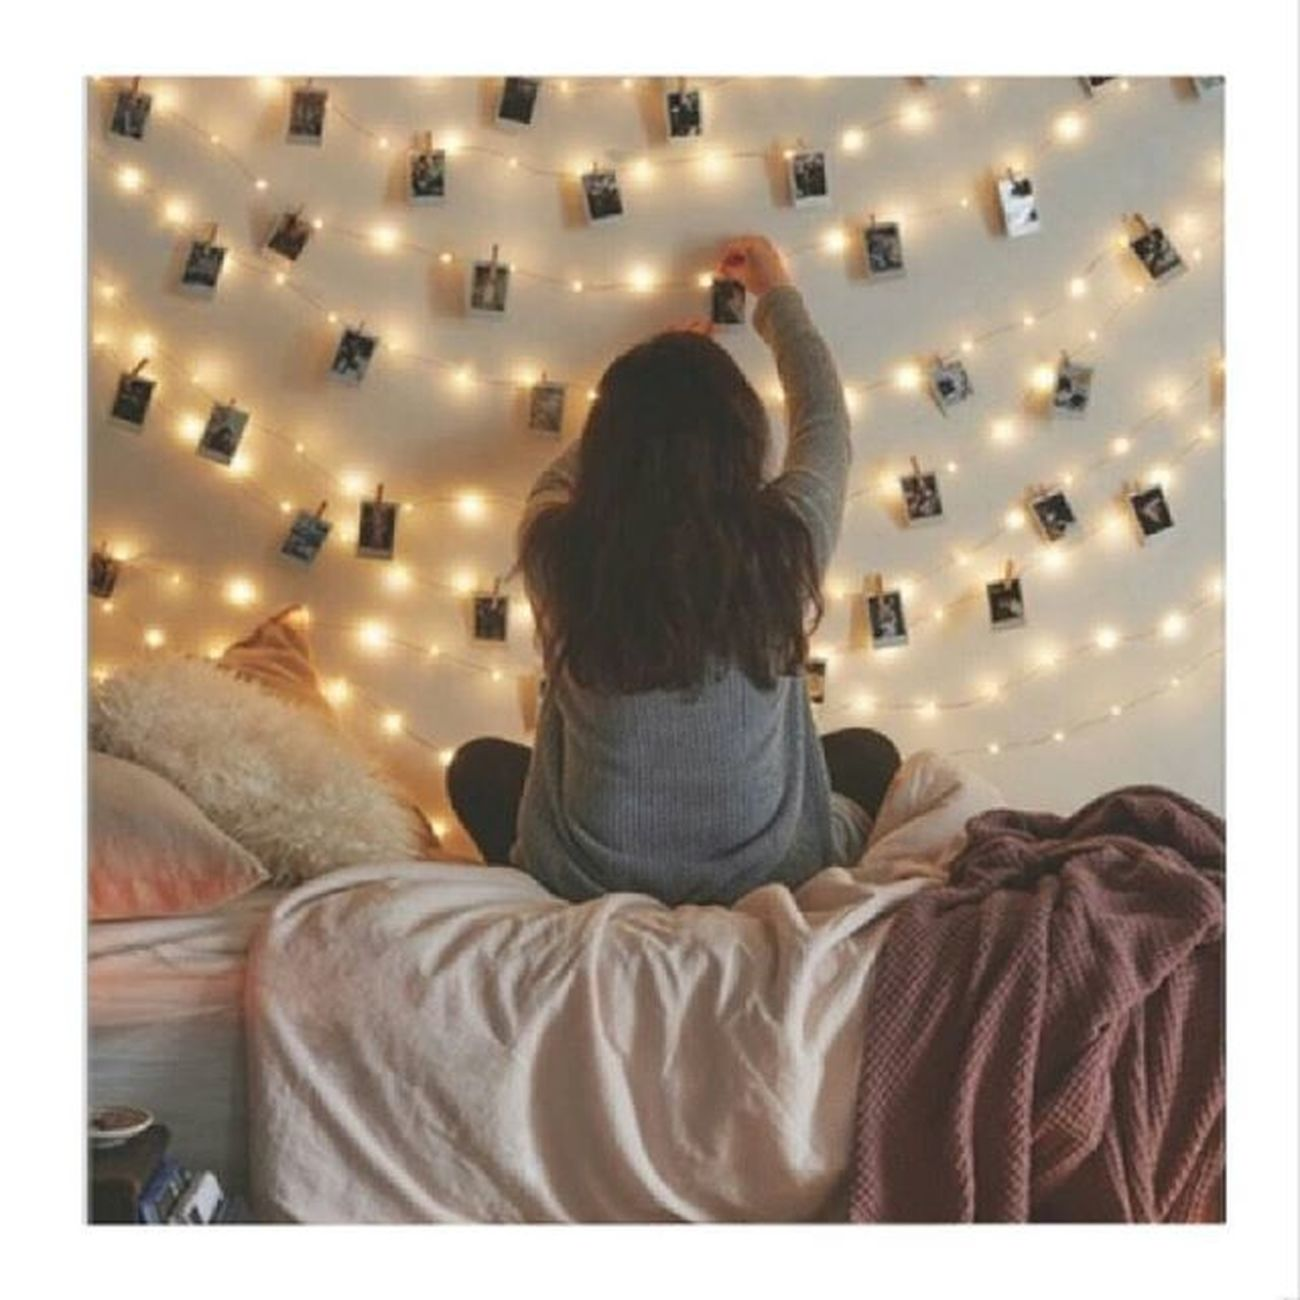 Quot Liegen/Hängen/Kleben bei euch im Zimmer auch überall Fotos?😂 Auot Jaaa😂